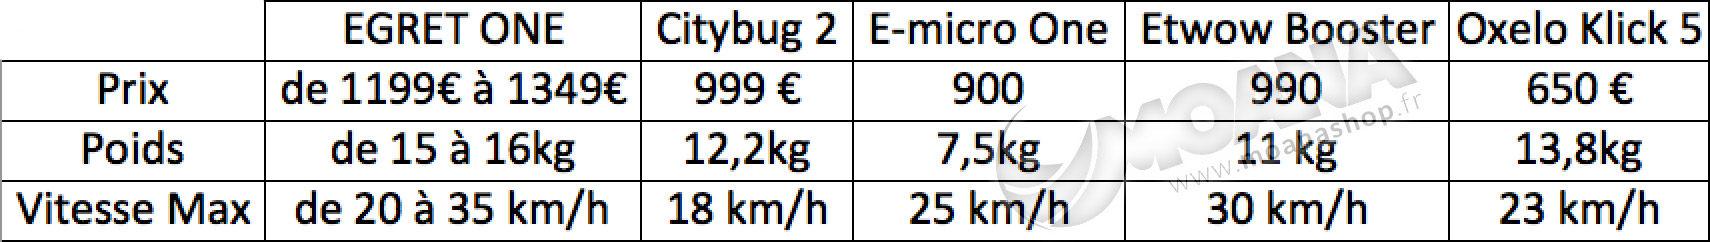 comparaison-trottinette-electrique